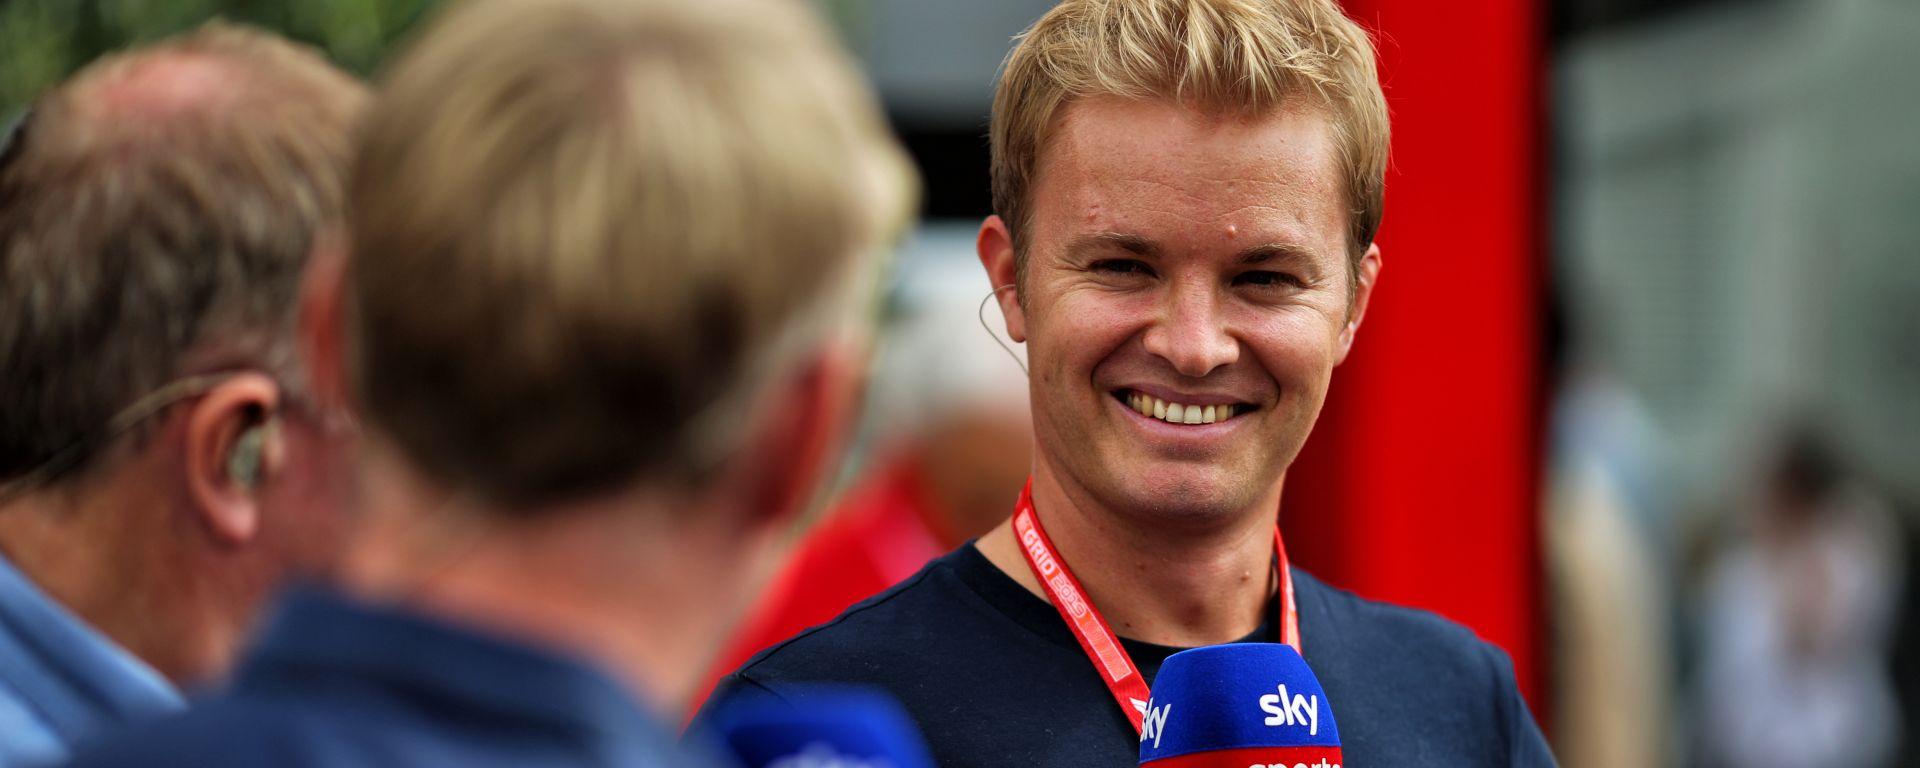 F1, Sky annuncia i Gp in chiaro su TV8. E Rosberg prende il posto di Villeneuve